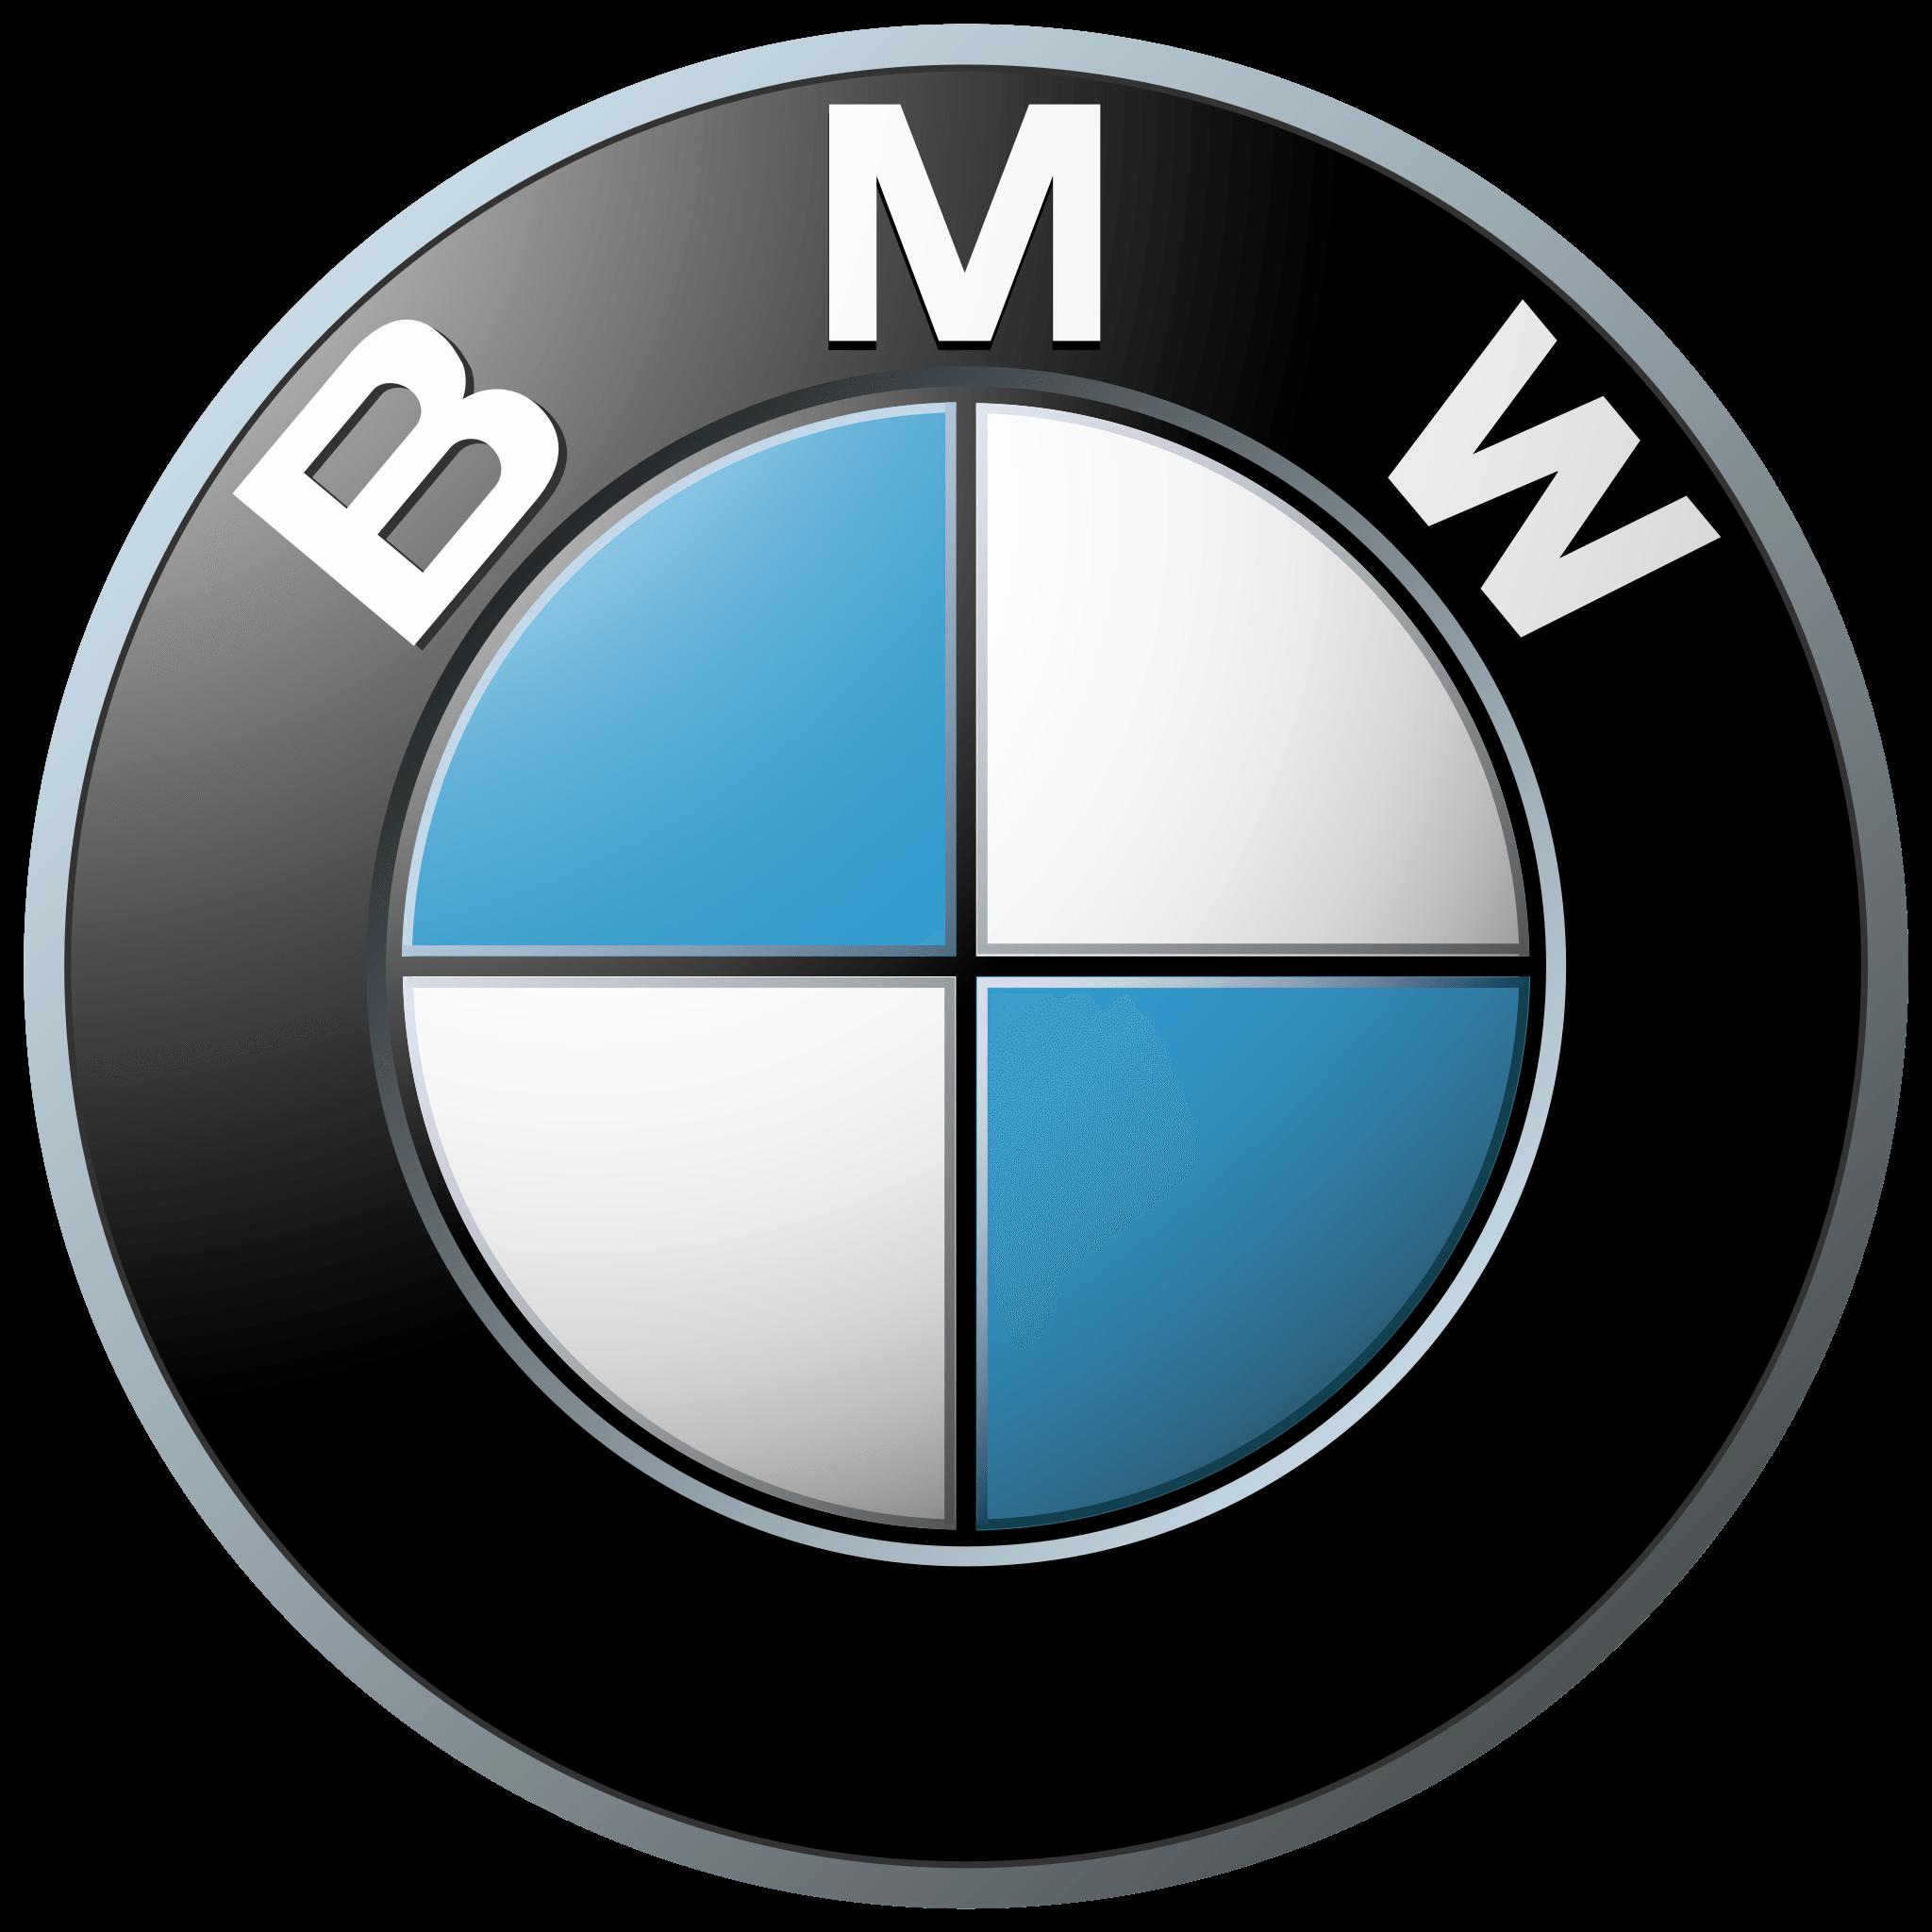 Car Logo Bmw - Car Logo PNG